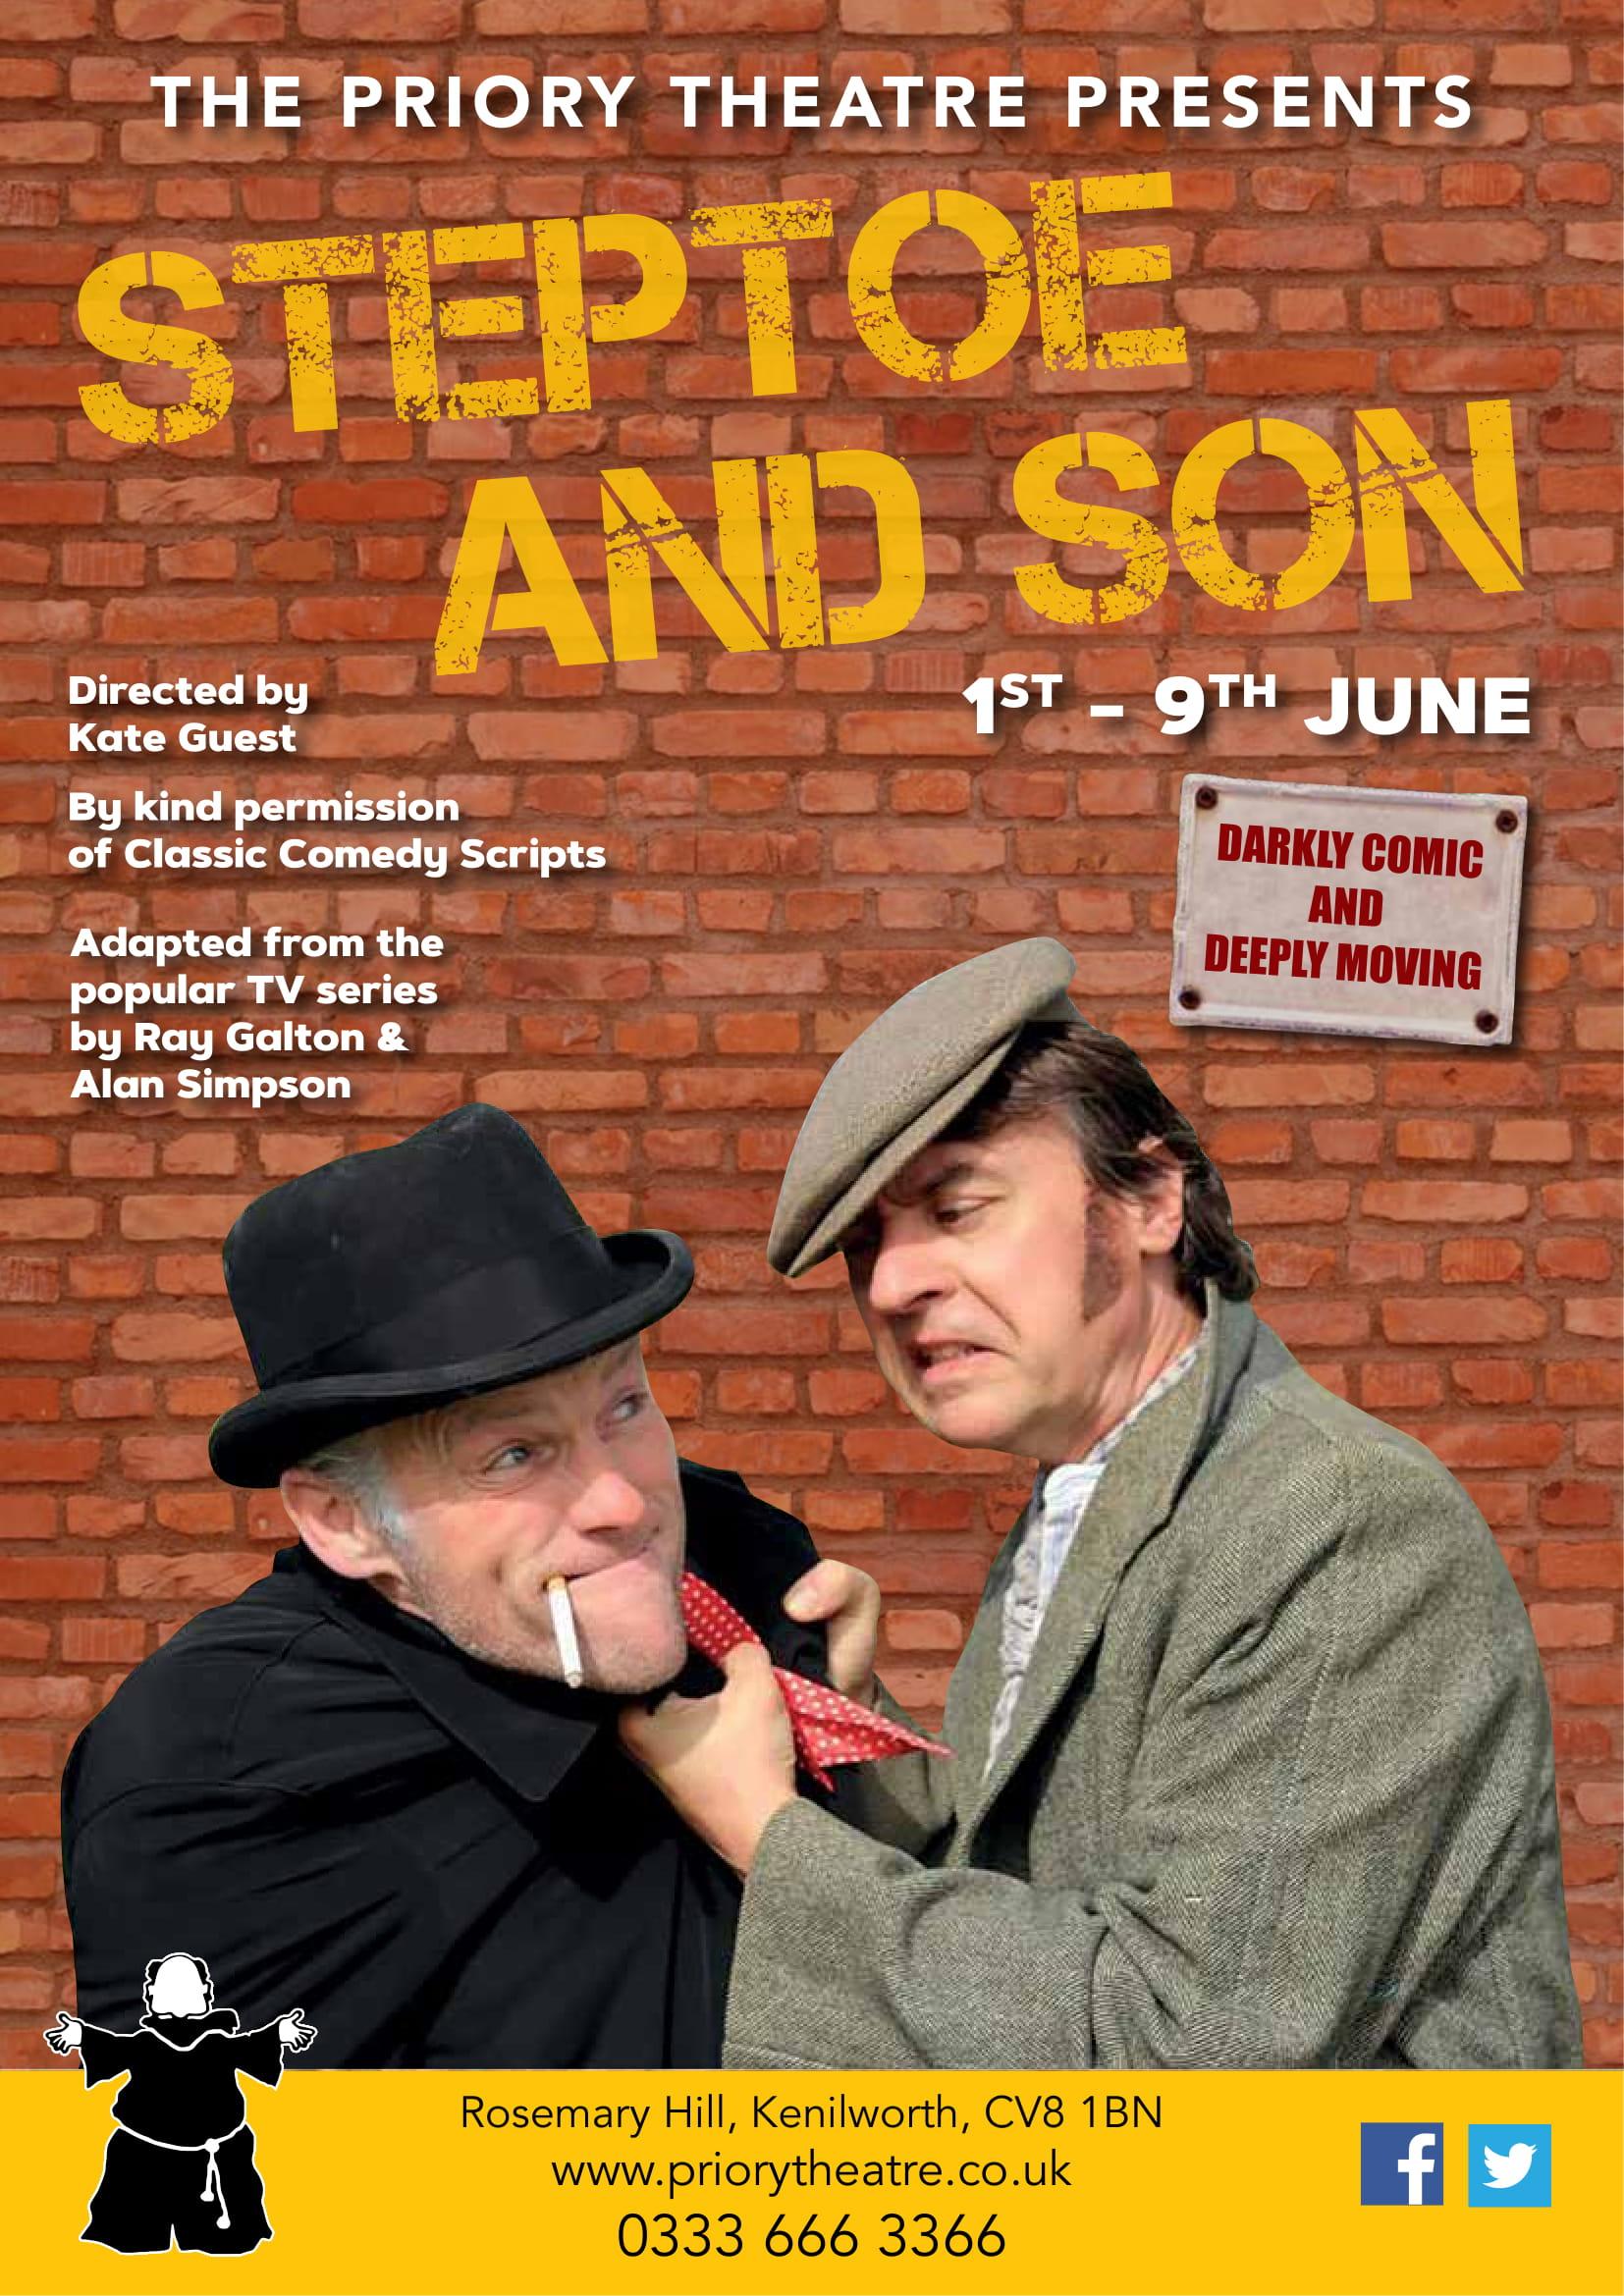 Steptoe & Son Poster-1.jpg